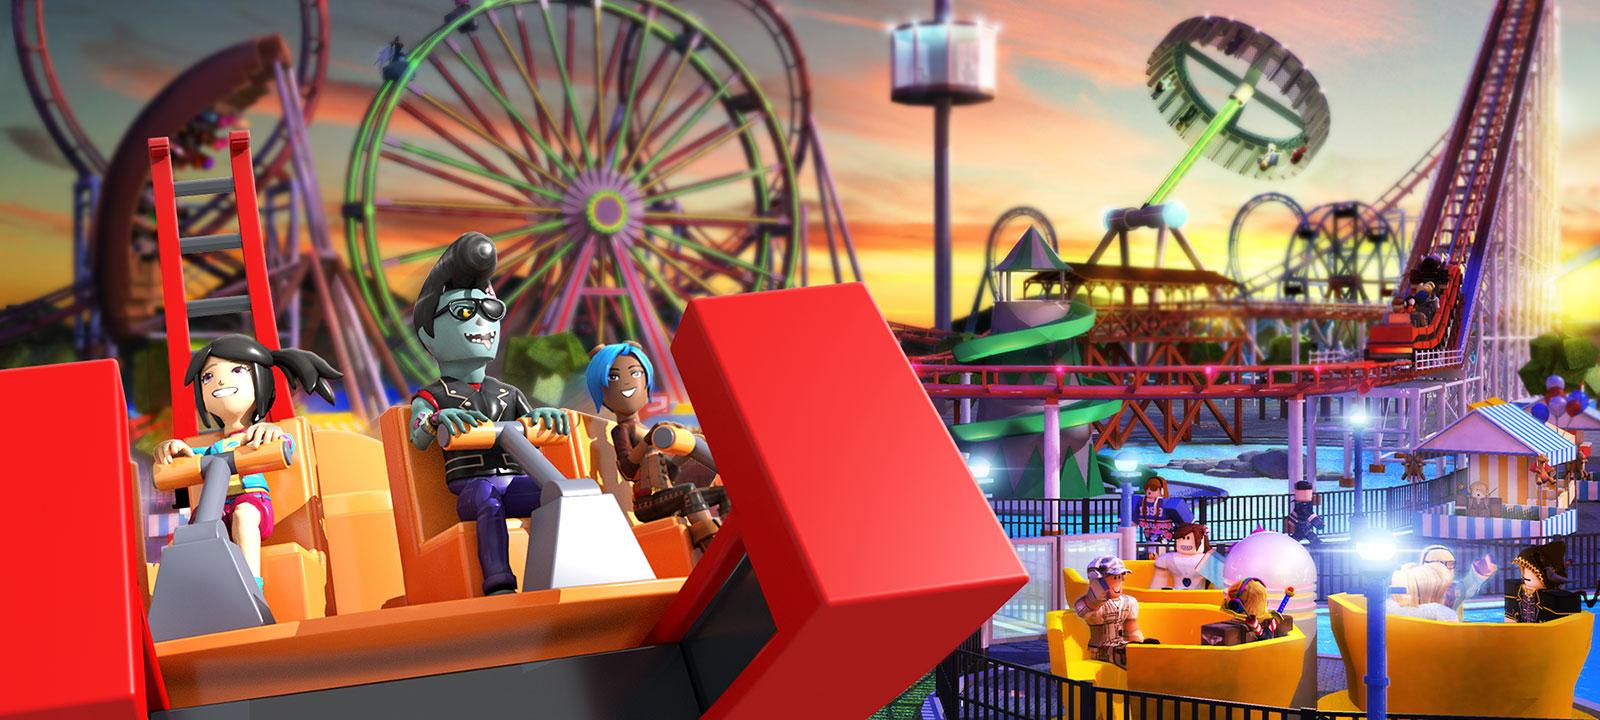 Personajes de Roblox en una atracción de carnaval, con una montaña rusa y una noria al fondo en Theme Park Tycoon